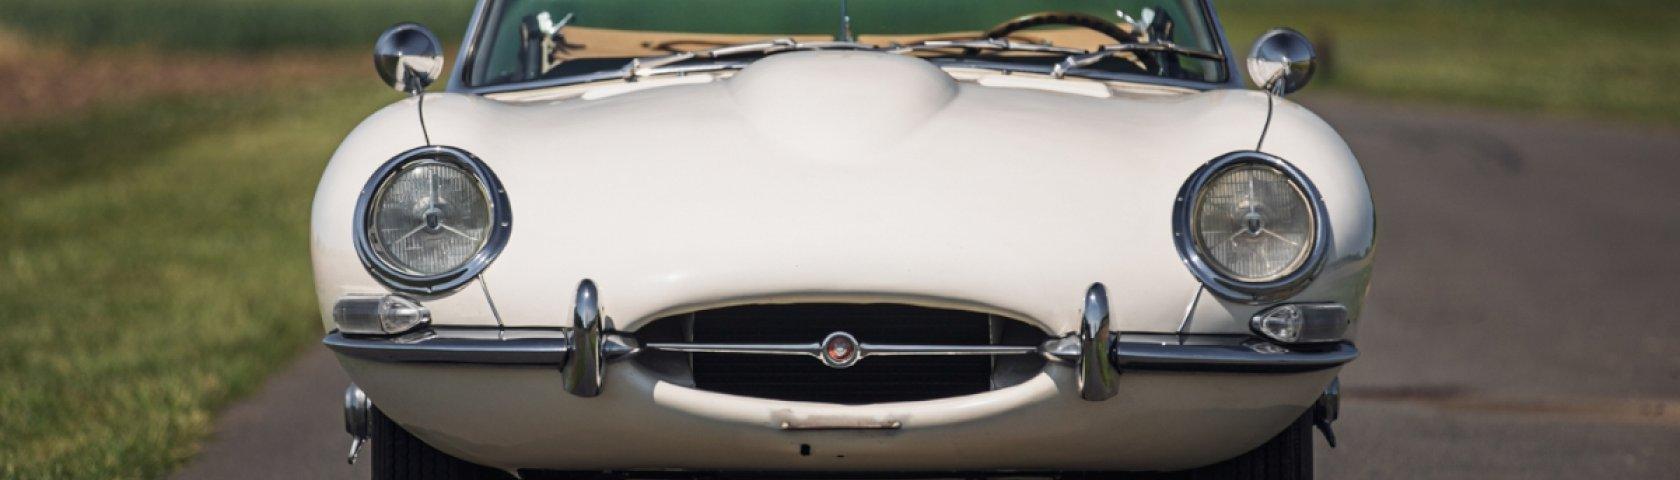 1961 Jaguar E Type Series1 Roadster02